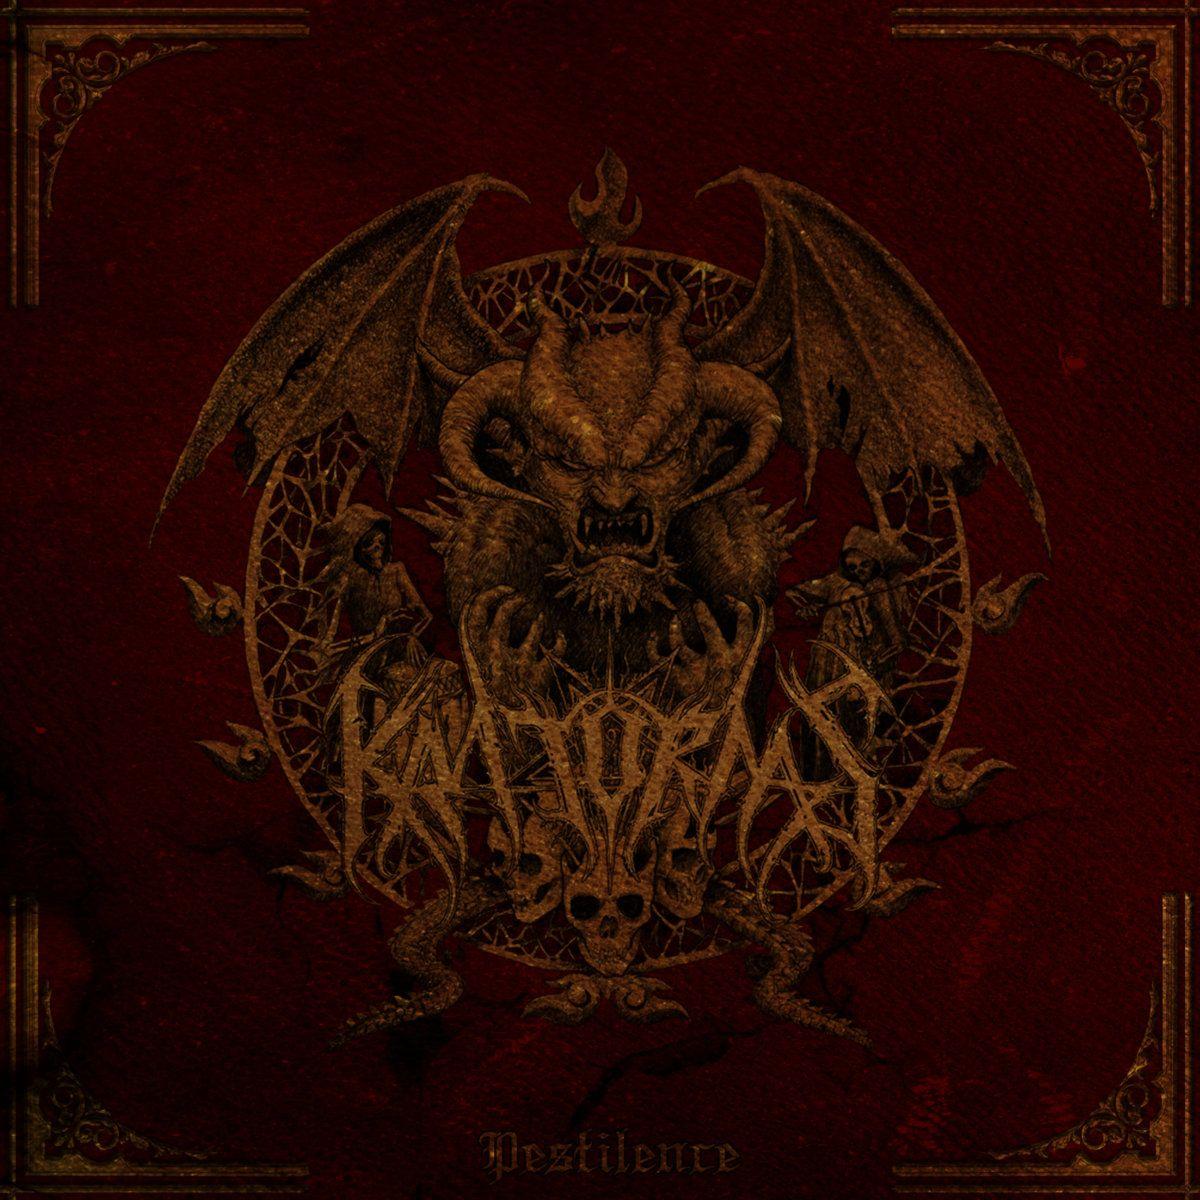 Reviews for Kratornas - Pestilence